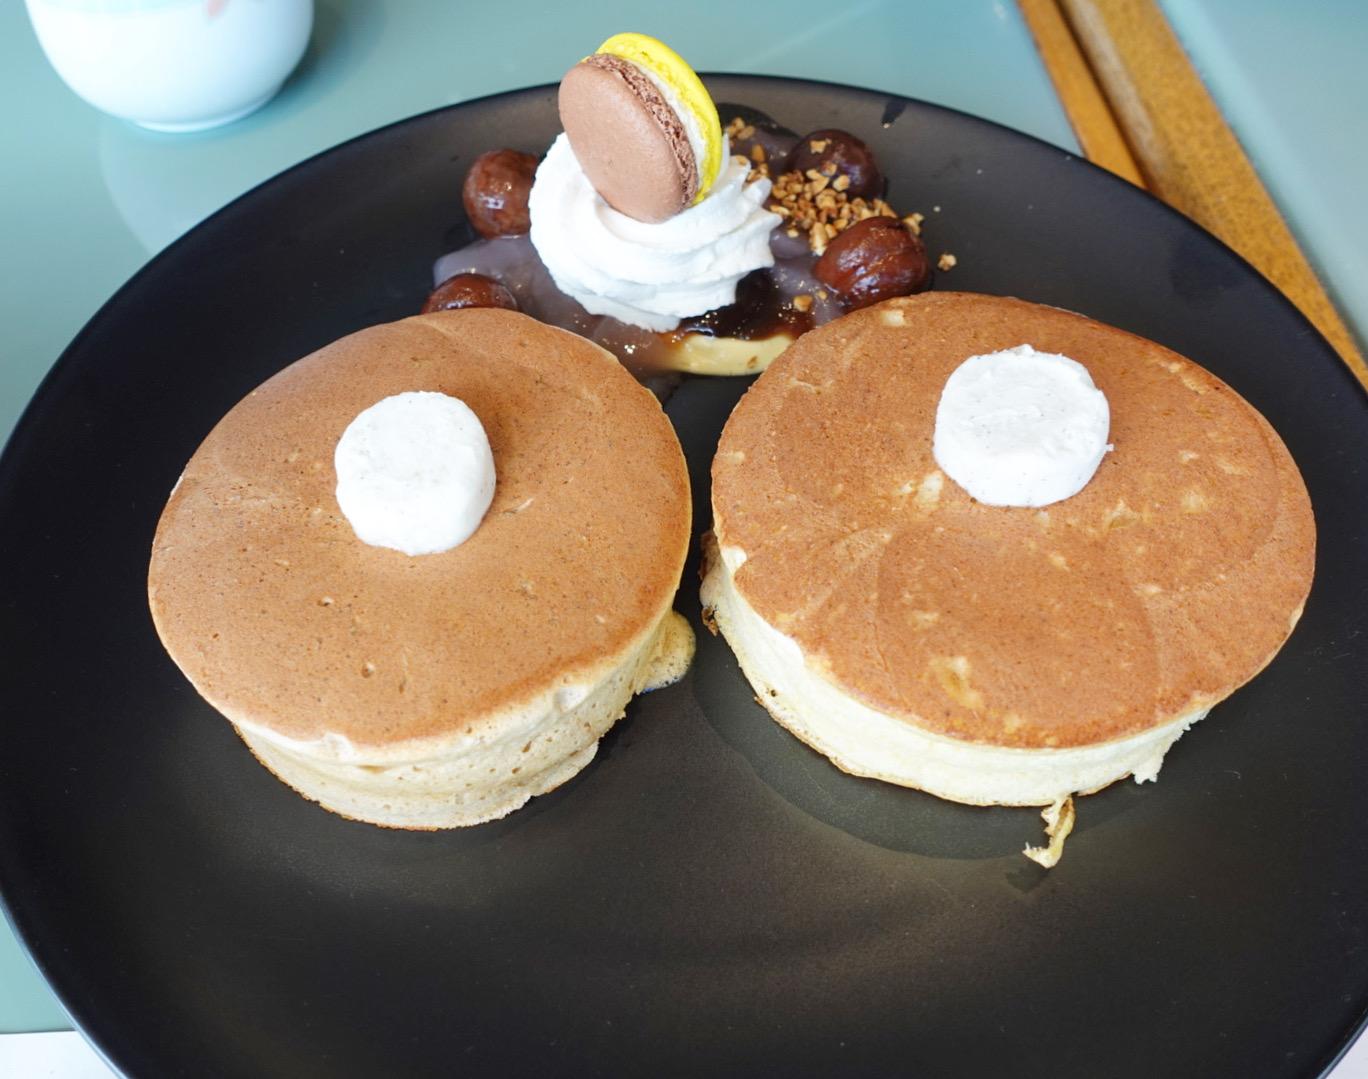 10周年を迎えた!菅総理も大好き!?な「ホテルニューオータニ」の「SATSUKI」の特製パンケーキ!マロンパンケーキ2020はカスカラパウダー入り!?_1